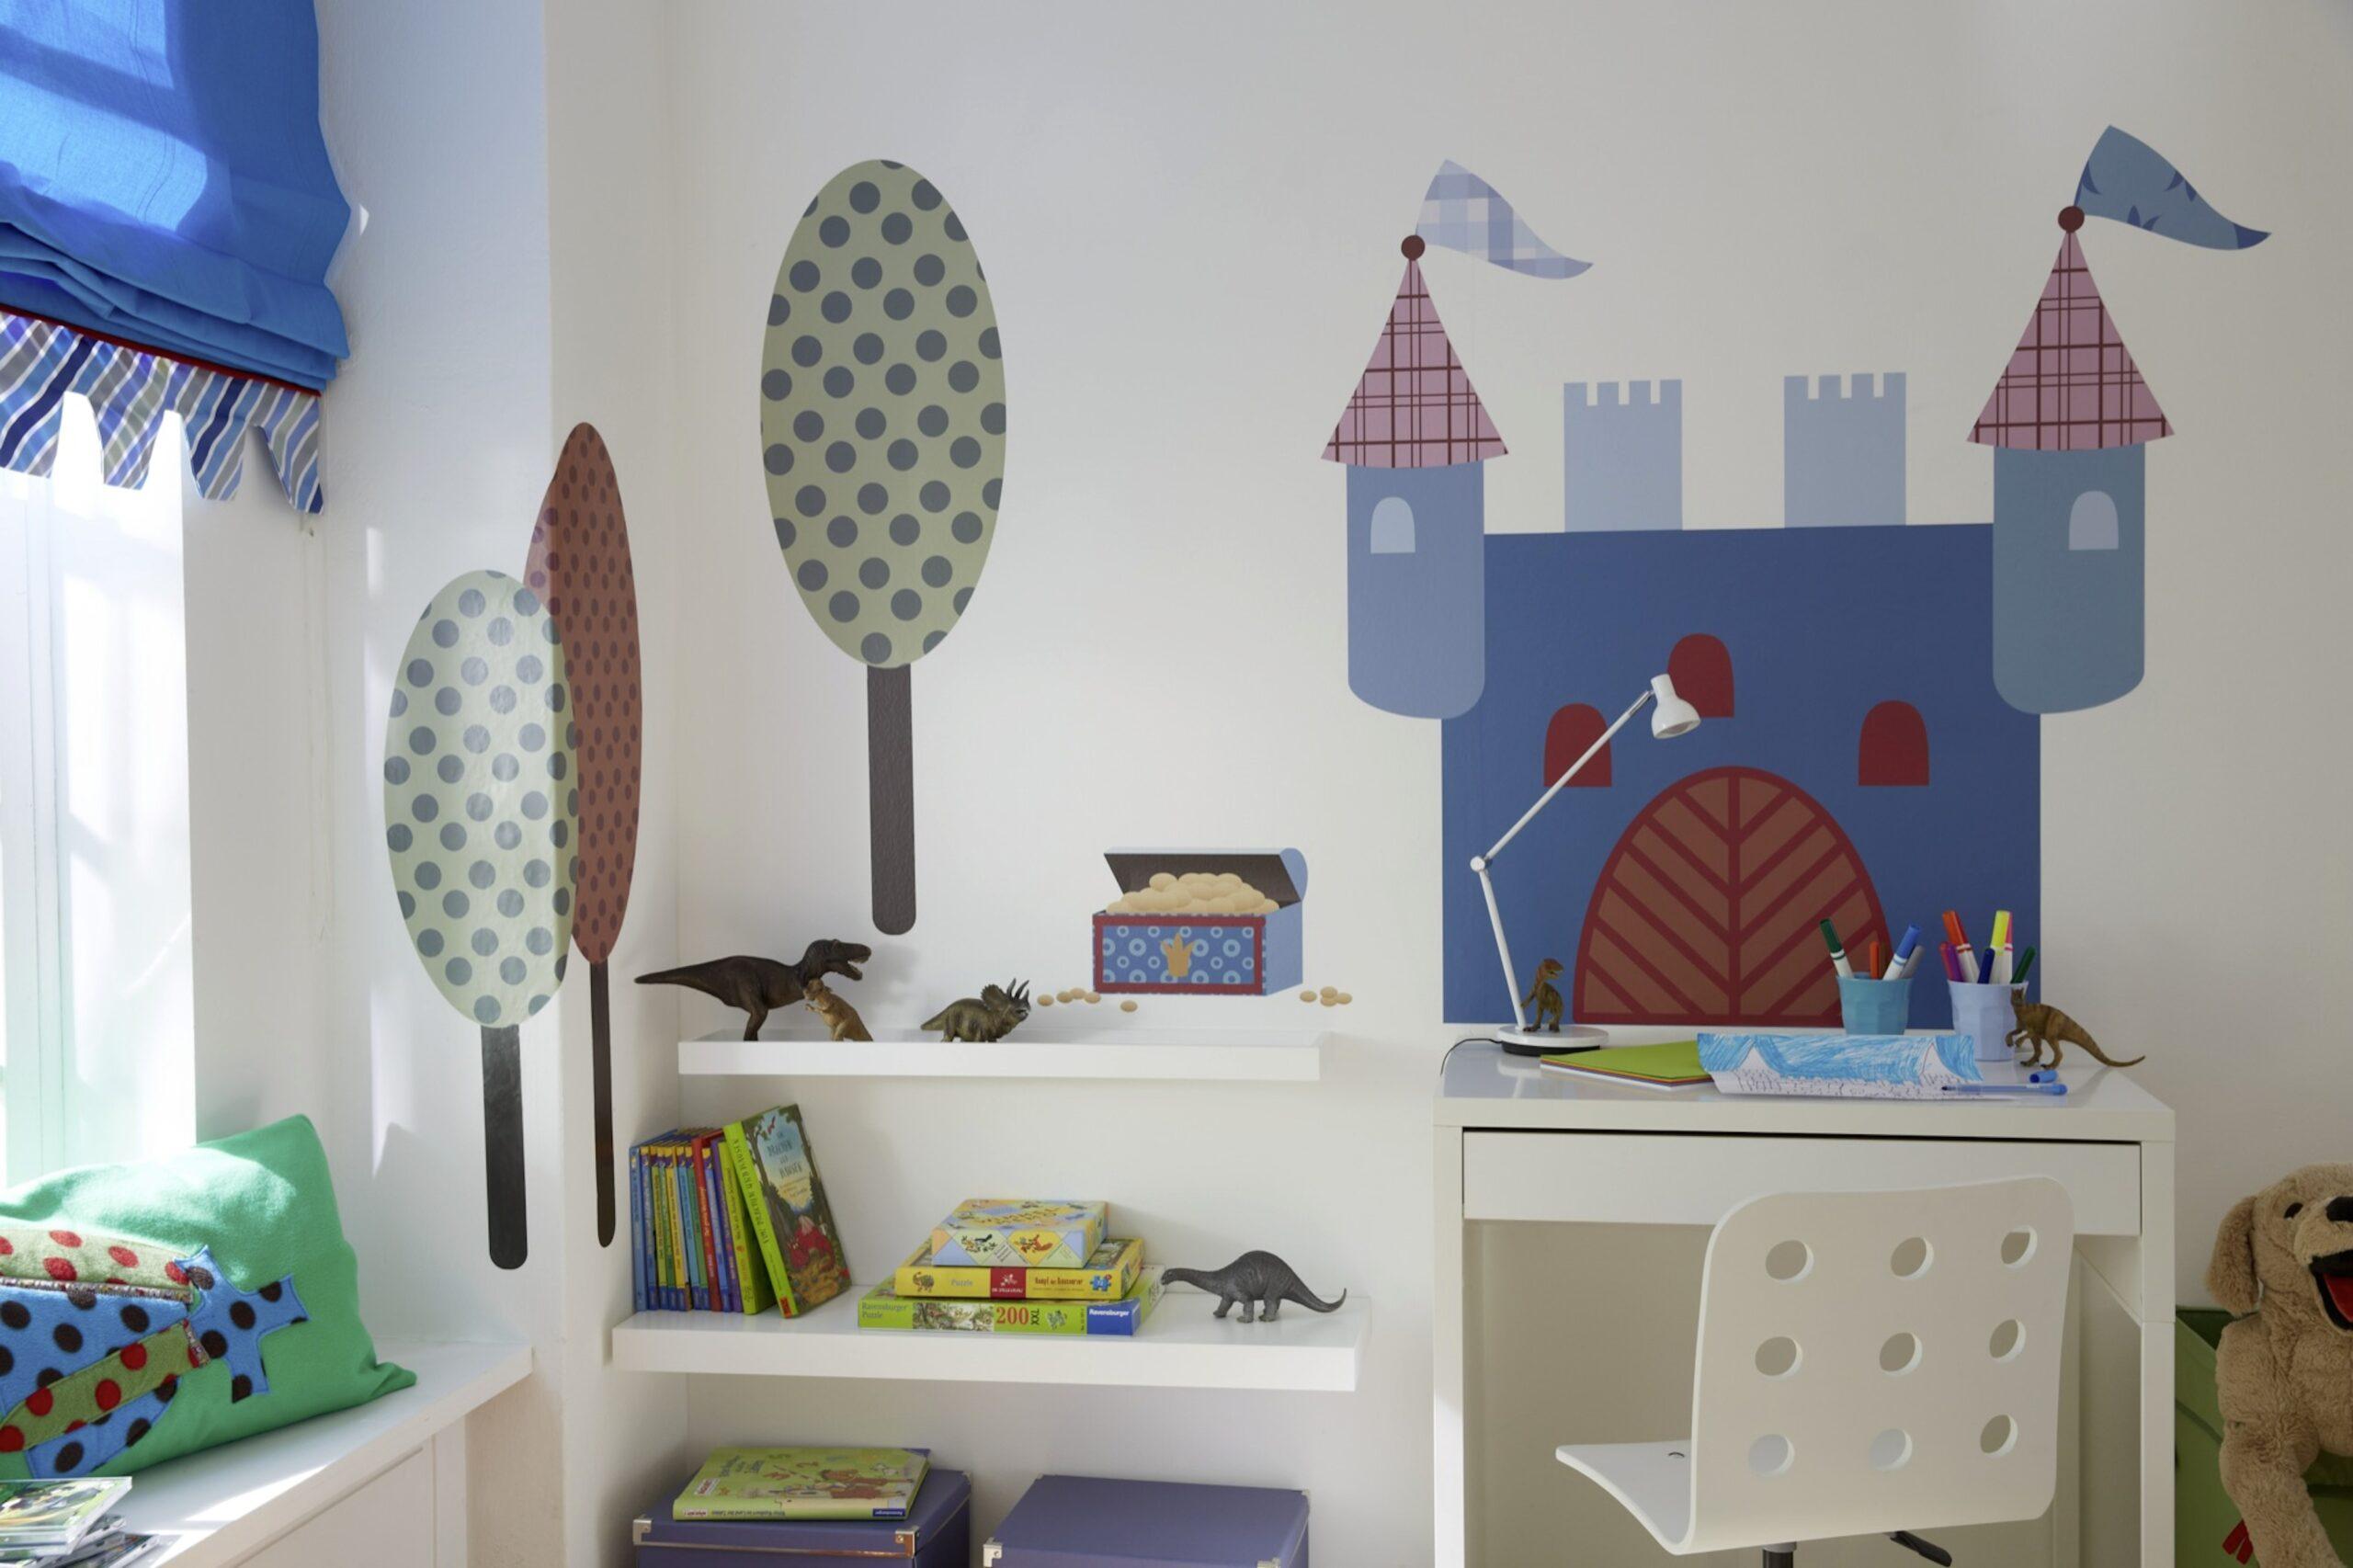 Full Size of Wandgestaltung Kinderzimmer Jungen Junge Streichen Babyzimmer Auto Regal Regale Weiß Sofa Wohnzimmer Wandgestaltung Kinderzimmer Jungen